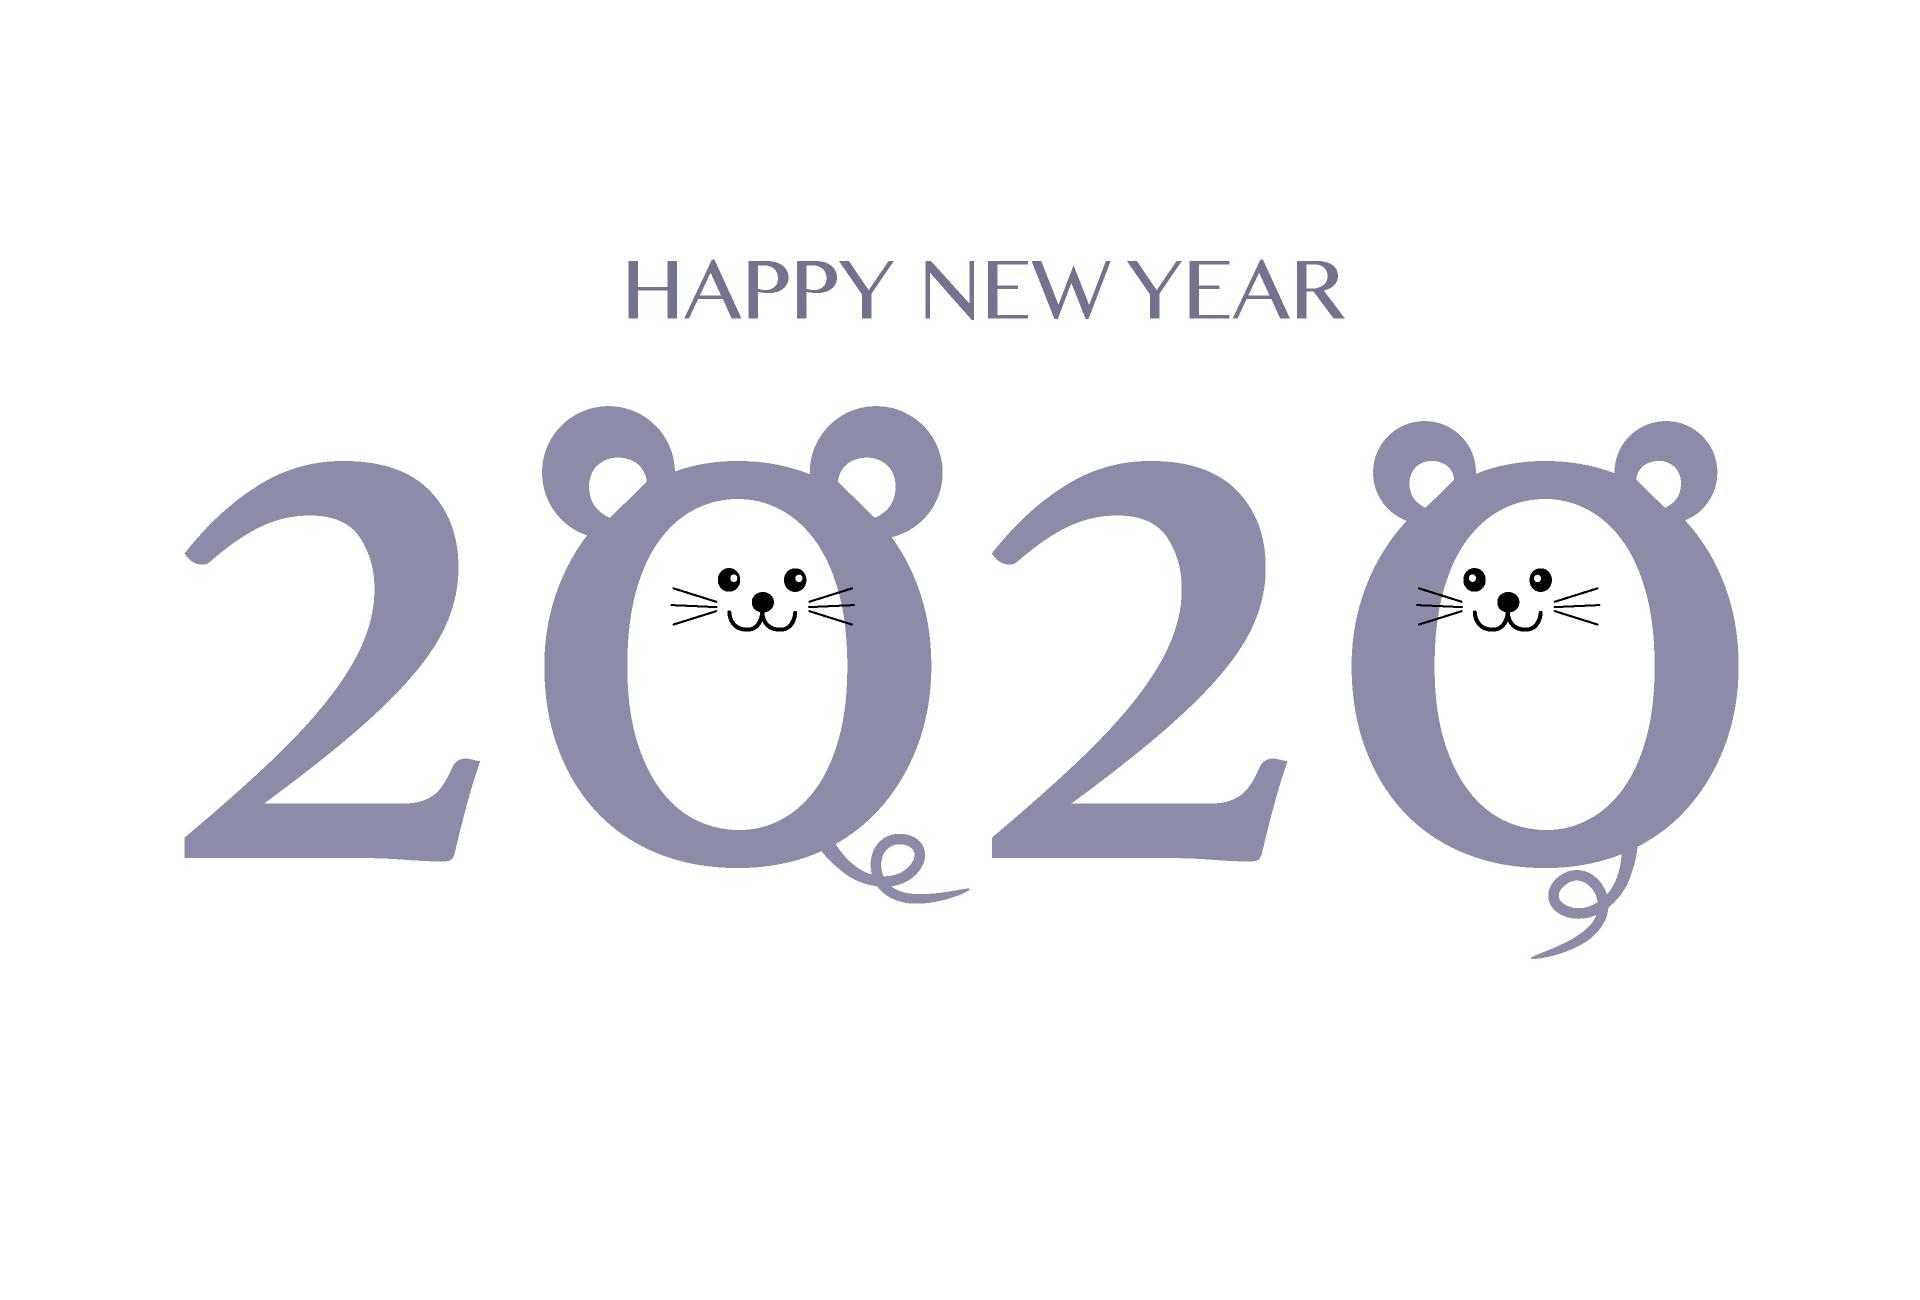 2020年文字に可愛いネズミをデザインした子年の年賀状イラスト